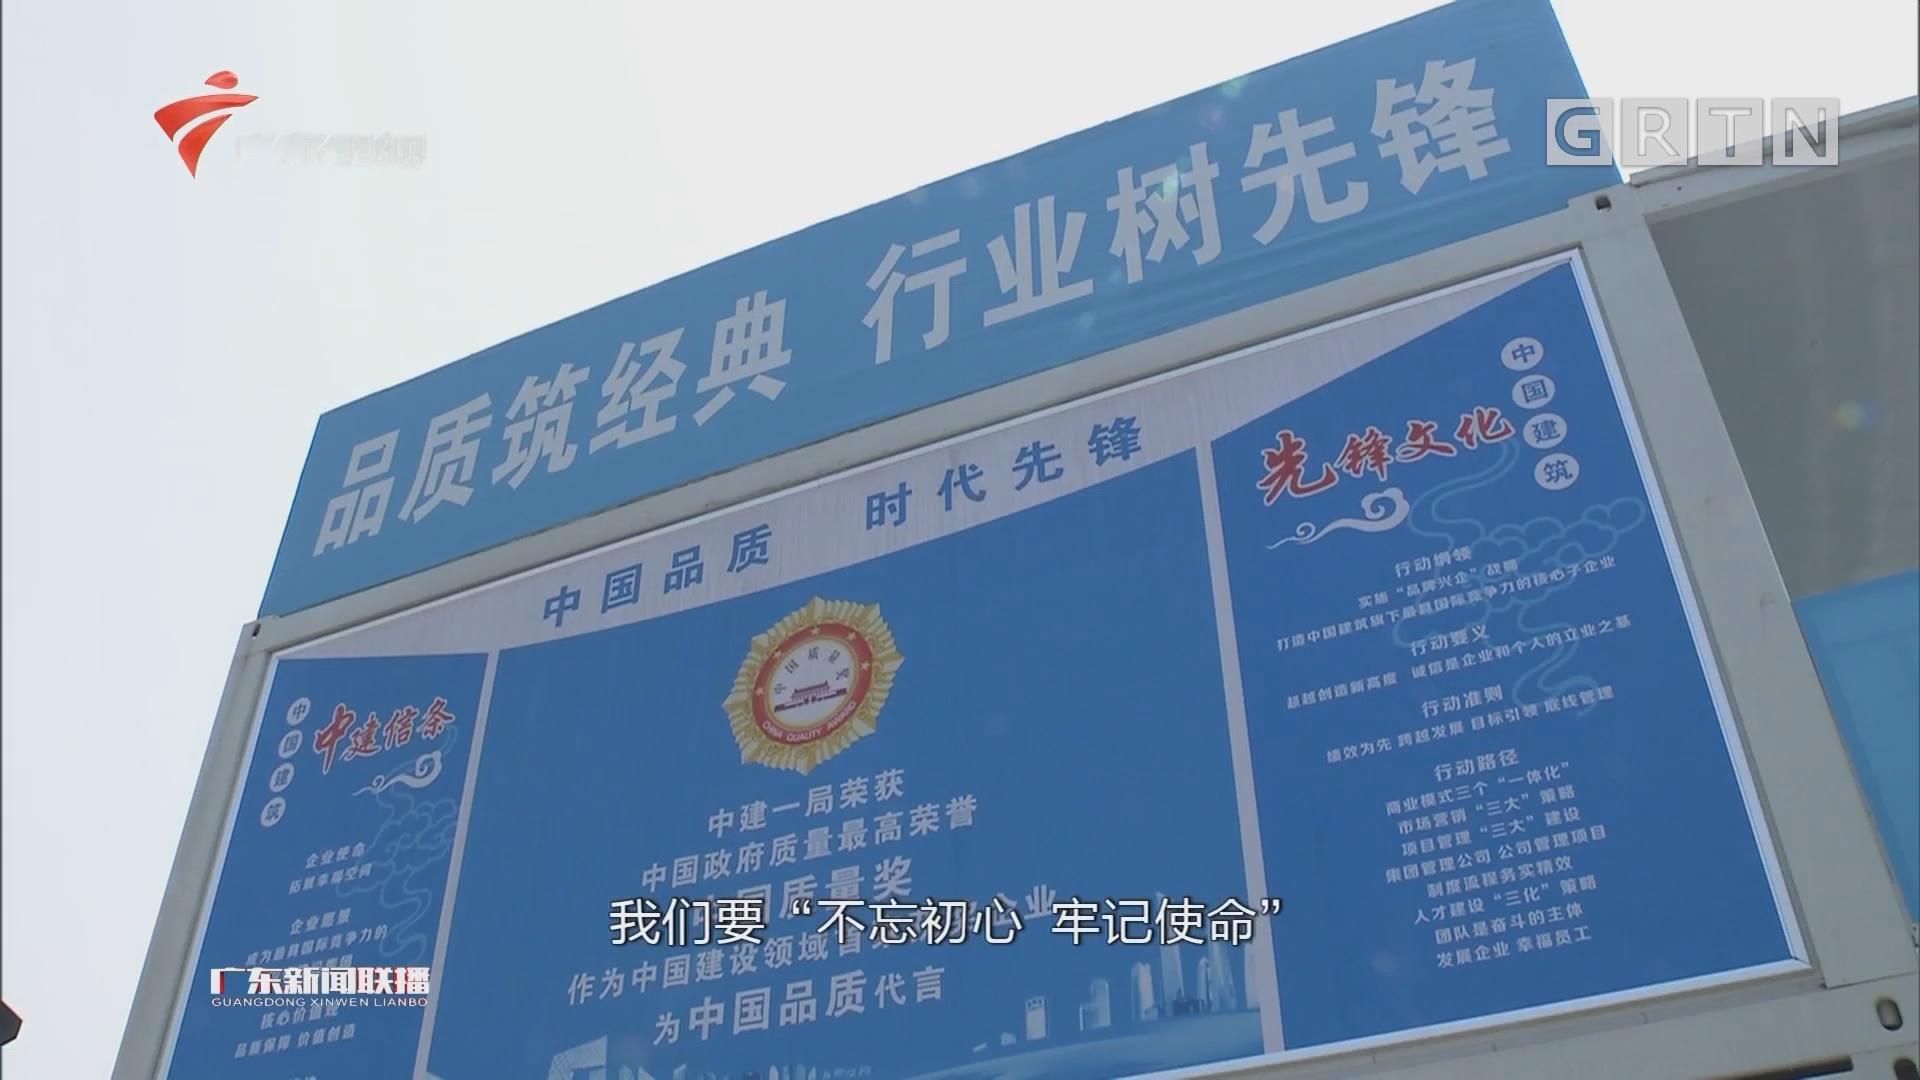 [HD][2019-10-01]广东新闻联播:庆祝中华人民共和国成立70周年大会在京隆重举行 天安门广场举行盛大阅兵仪式和群众游行 习近平发表重要讲话并检阅受阅部队